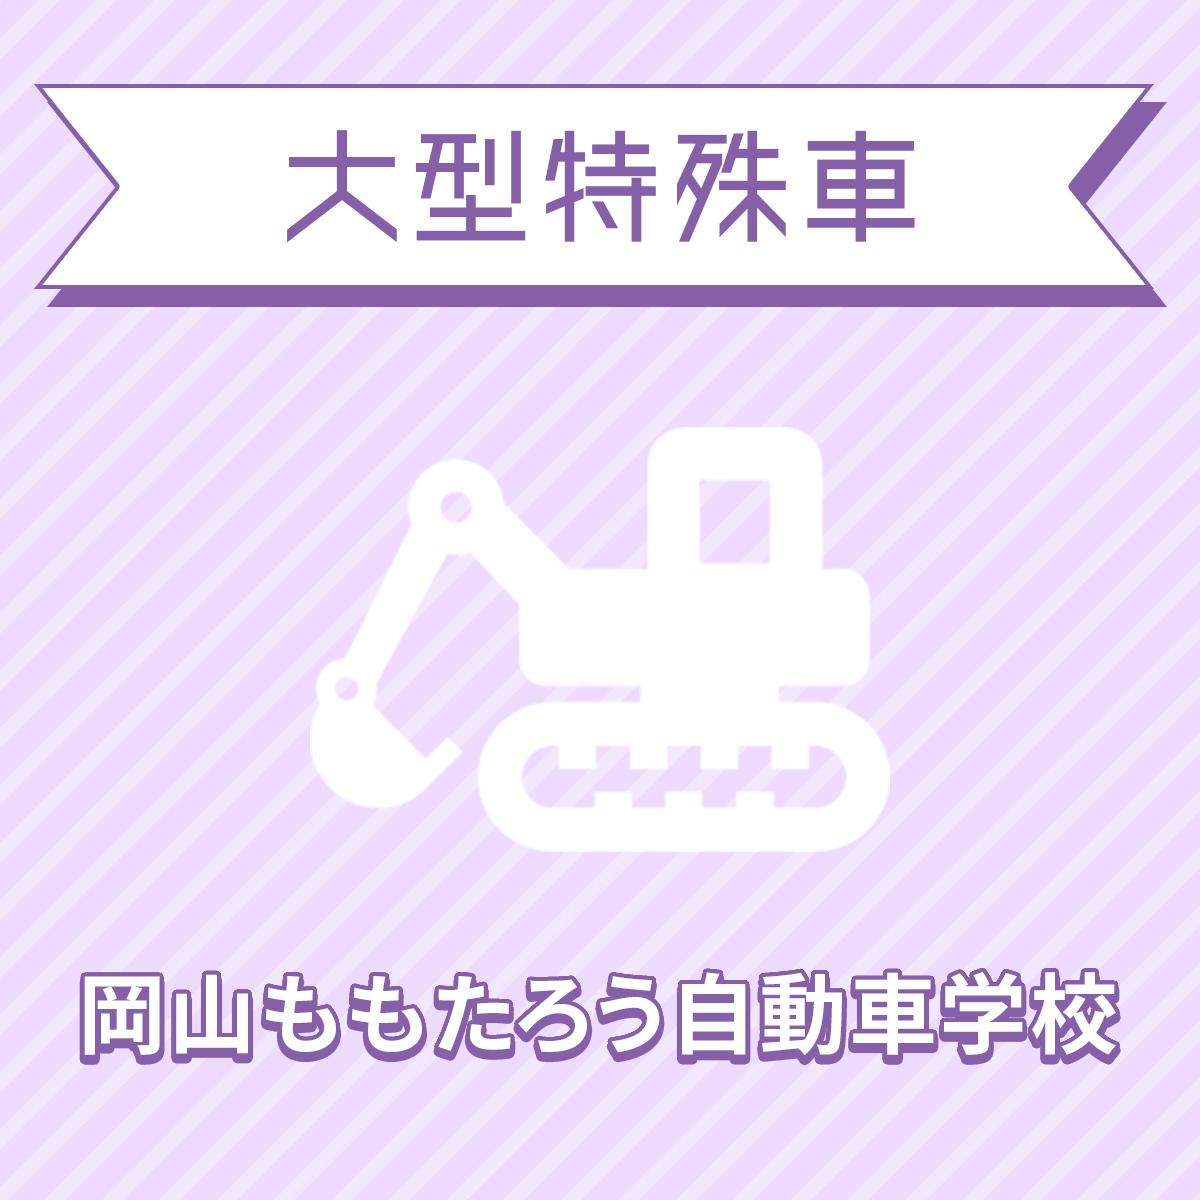 【岡山県岡山市】大型特殊コース<普通/中型/準中型/大型免許所持対象>